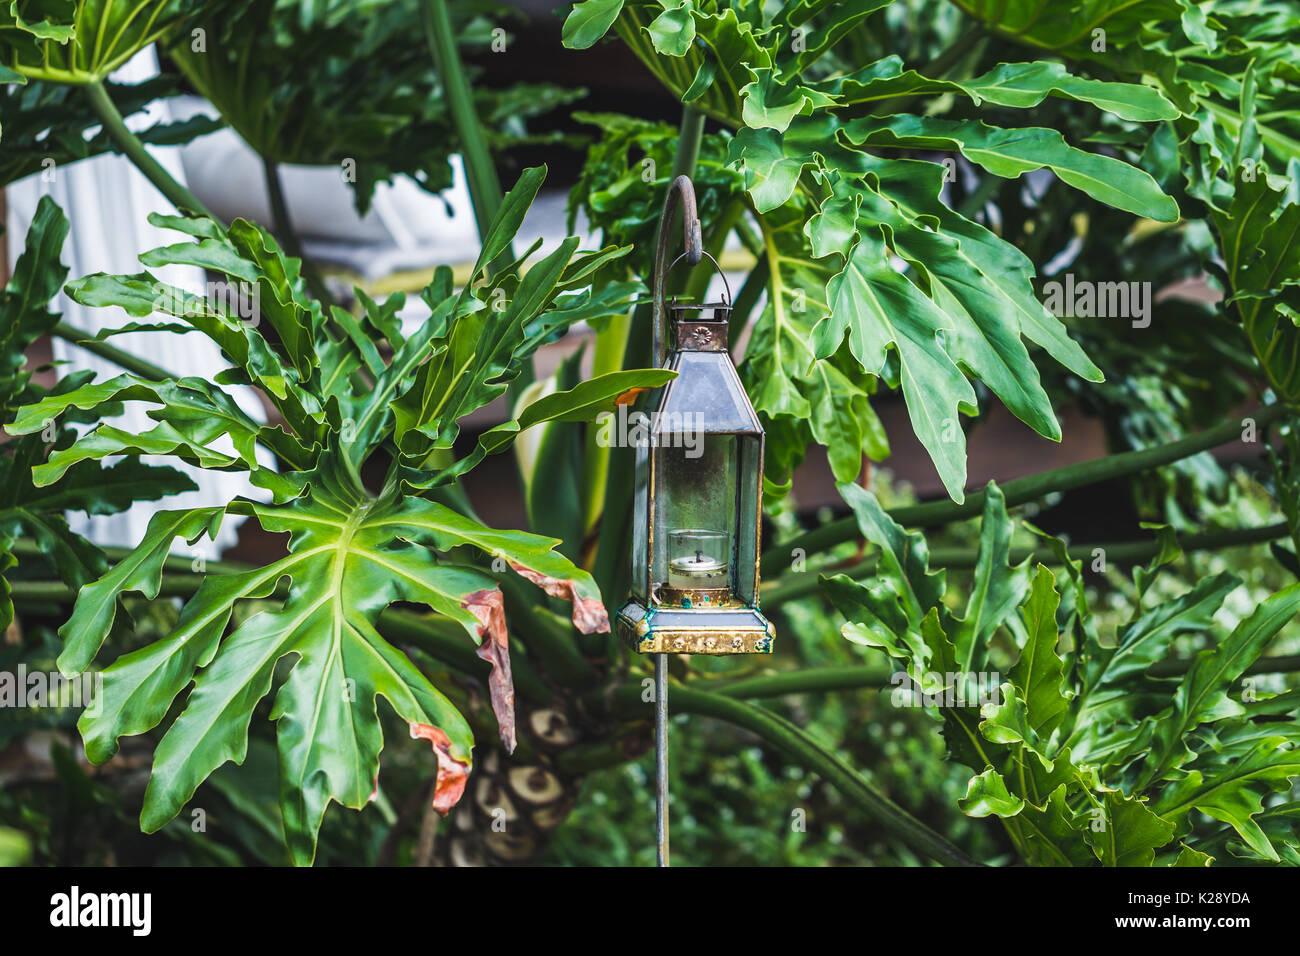 Vintage Glas Petroleumlampe im Garten Dekoration. Tropische ...